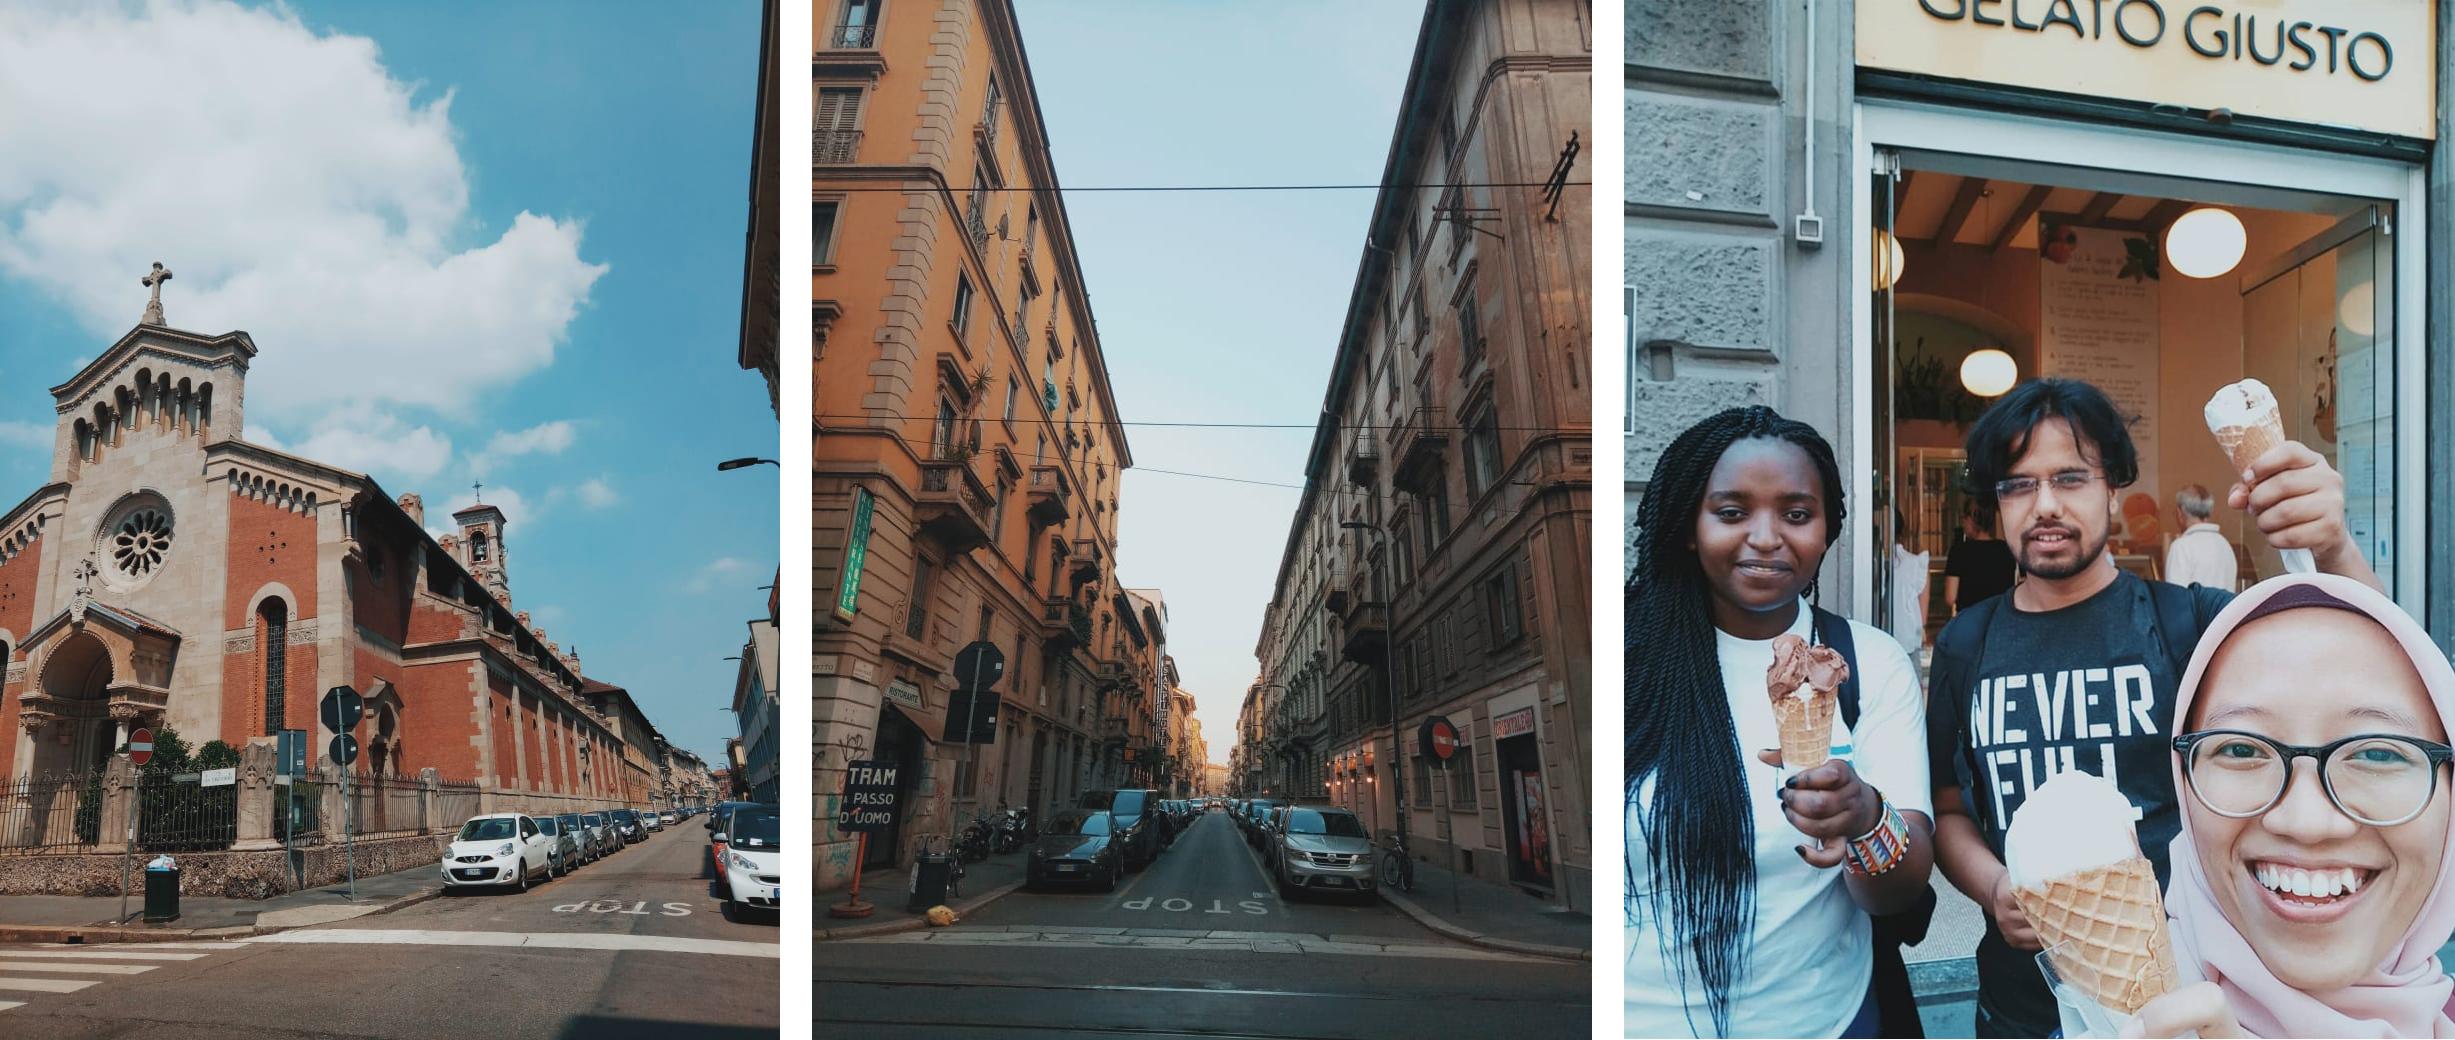 Beberapa sisi jalan di Kota Milan dan Gelato pertamaku di Milan!